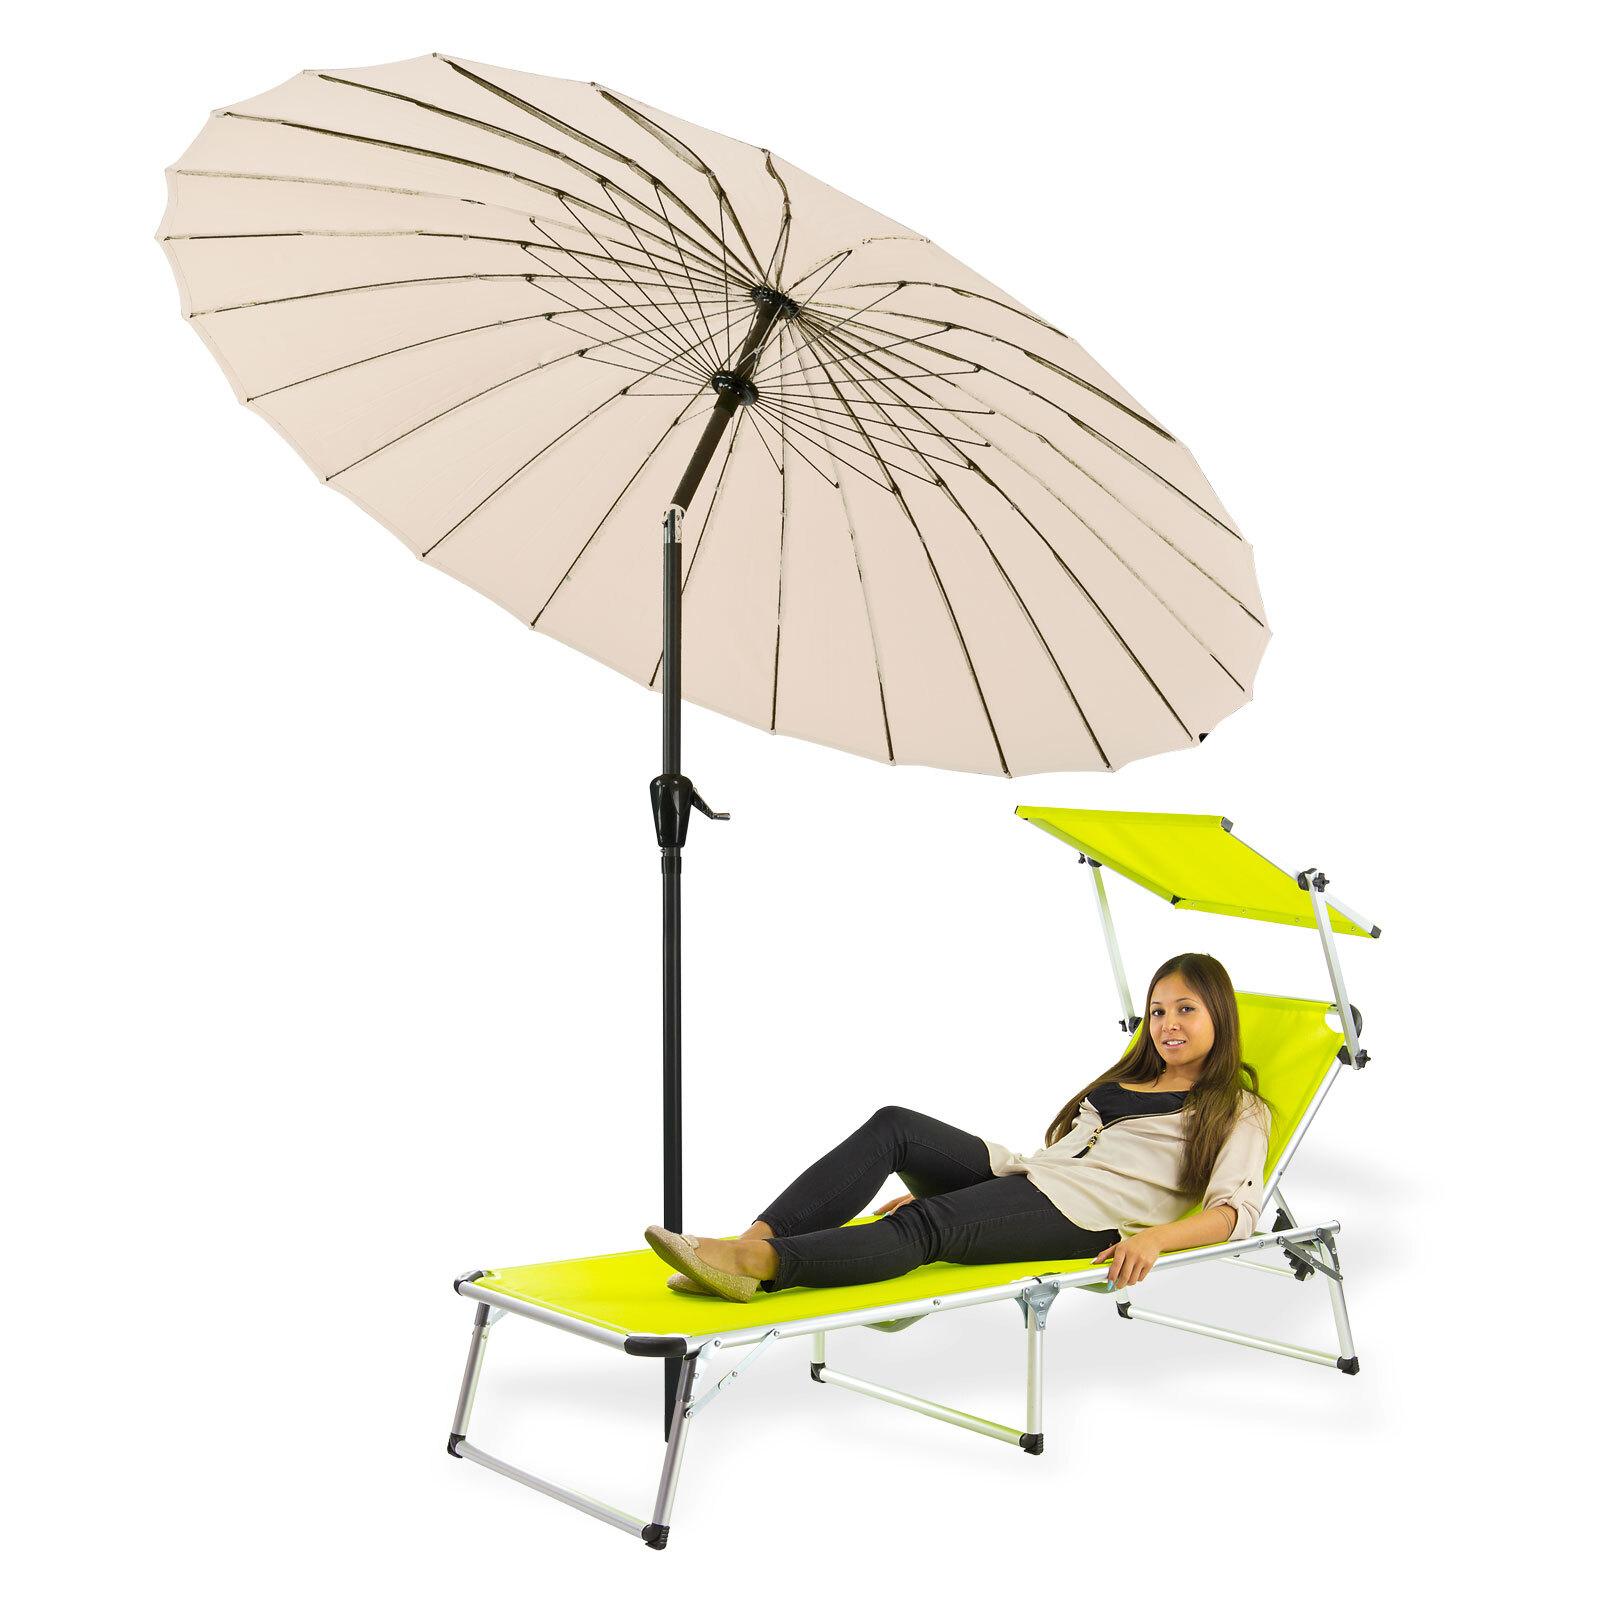 sonnenschirm gartenschirm sonnenschutz schirm mit kurbel rund 2 5m ecru beige 4031765412766 ebay. Black Bedroom Furniture Sets. Home Design Ideas